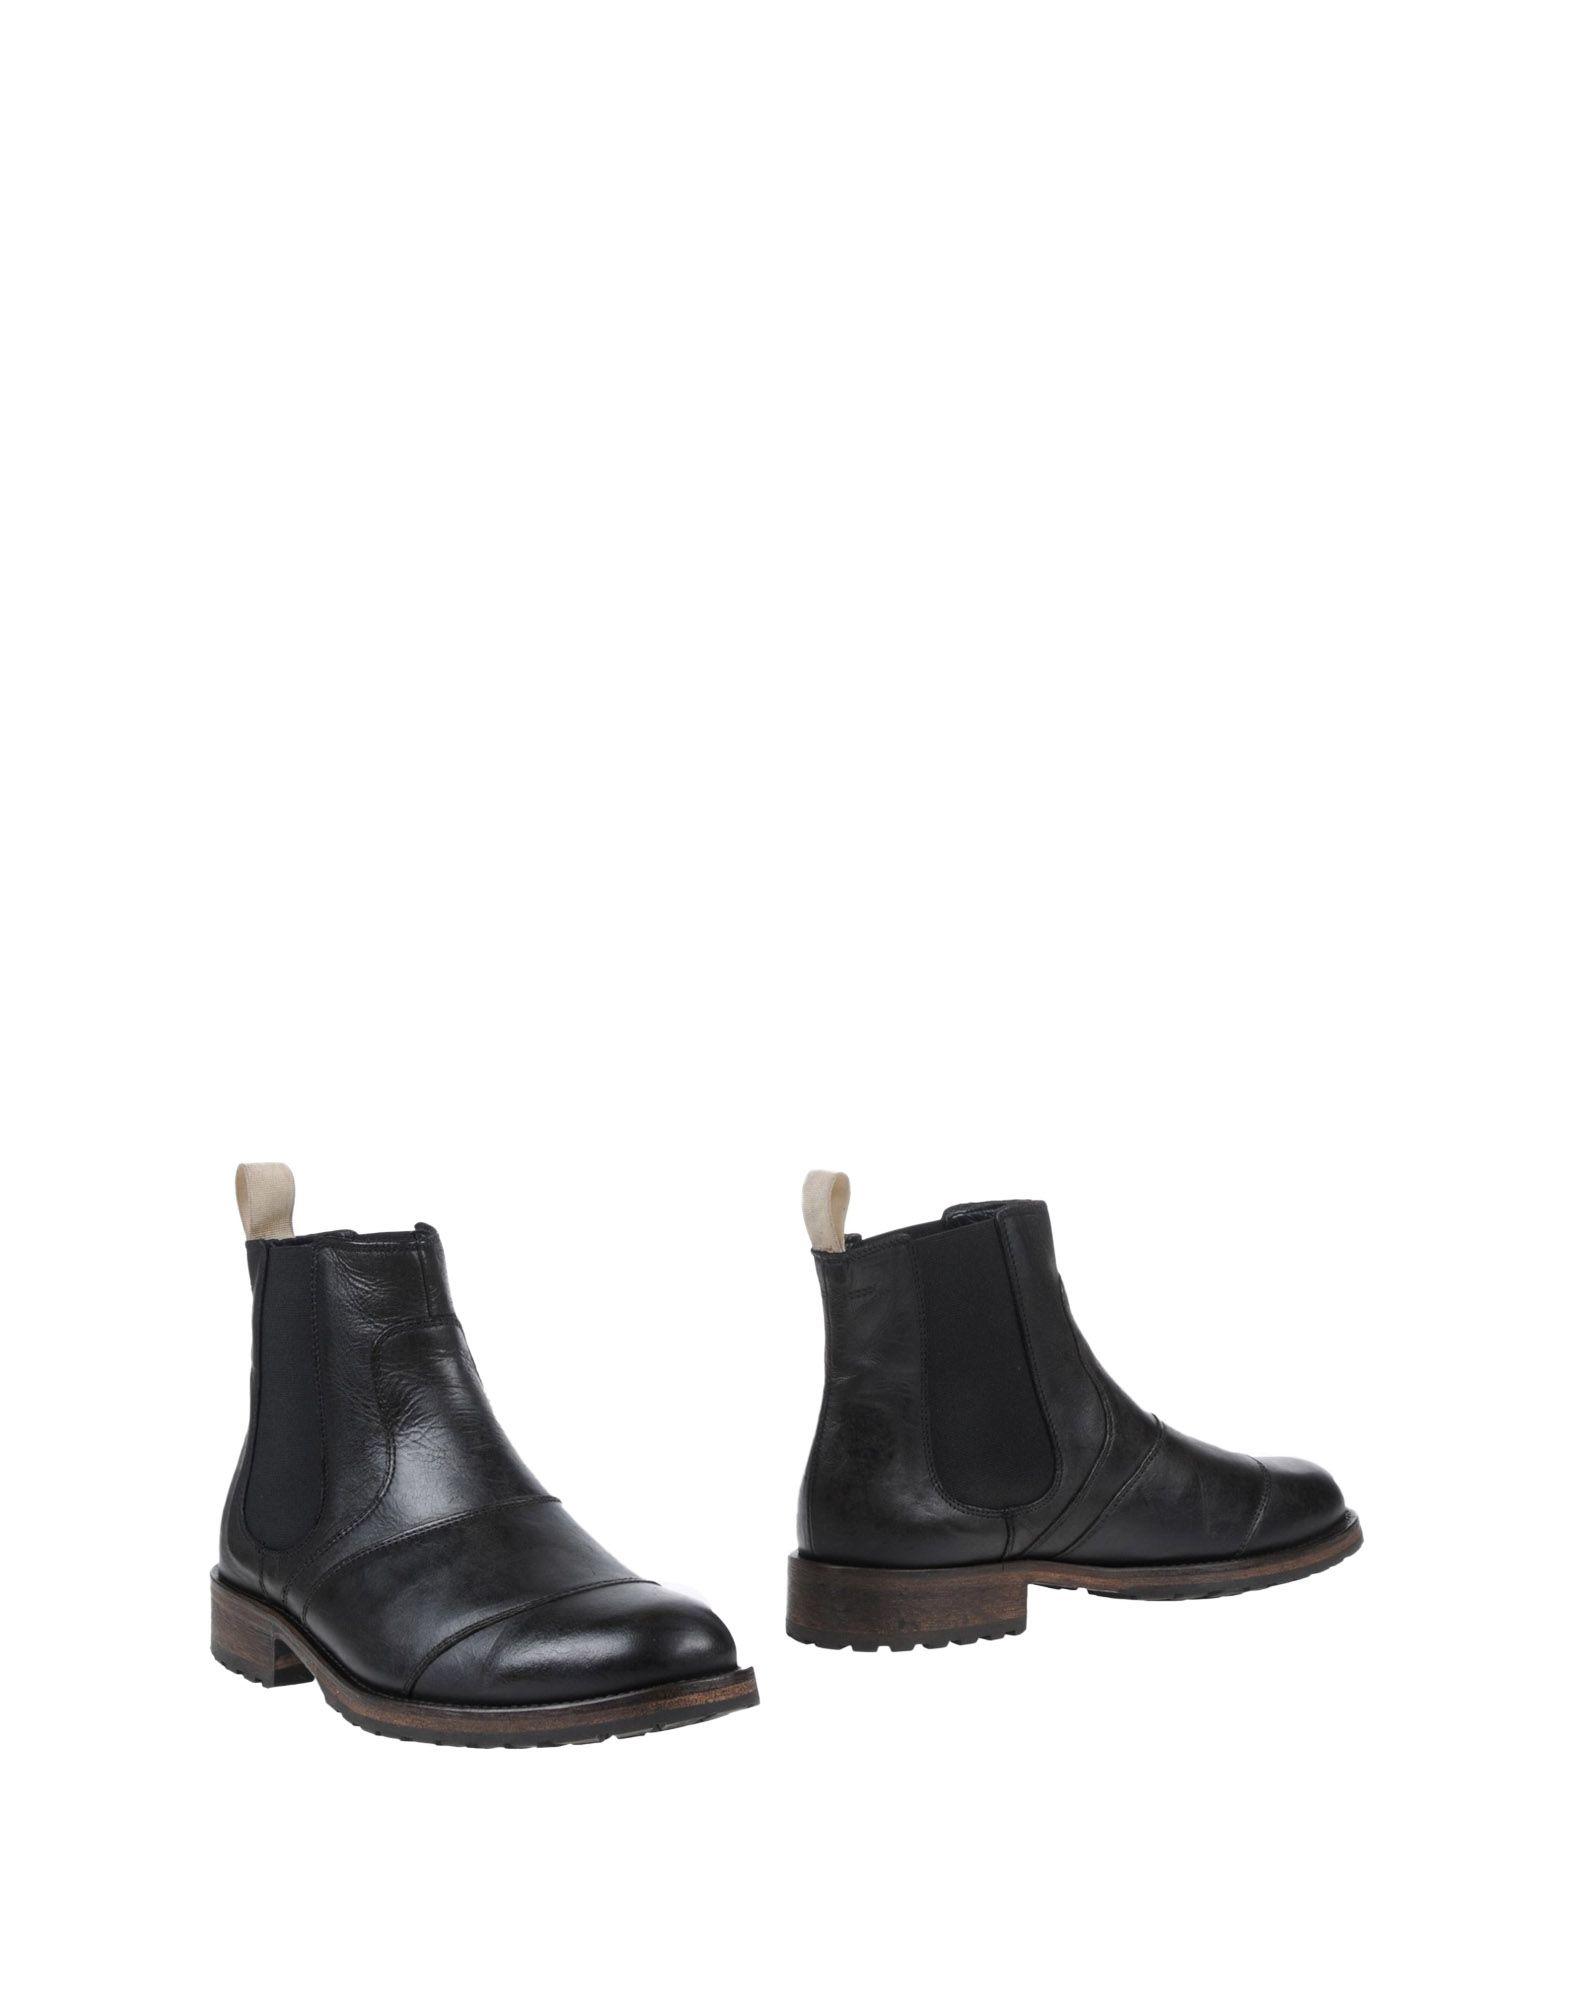 Belstaff Stiefelette Herren Qualität  11397476QM Gute Qualität Herren beliebte Schuhe acd50a